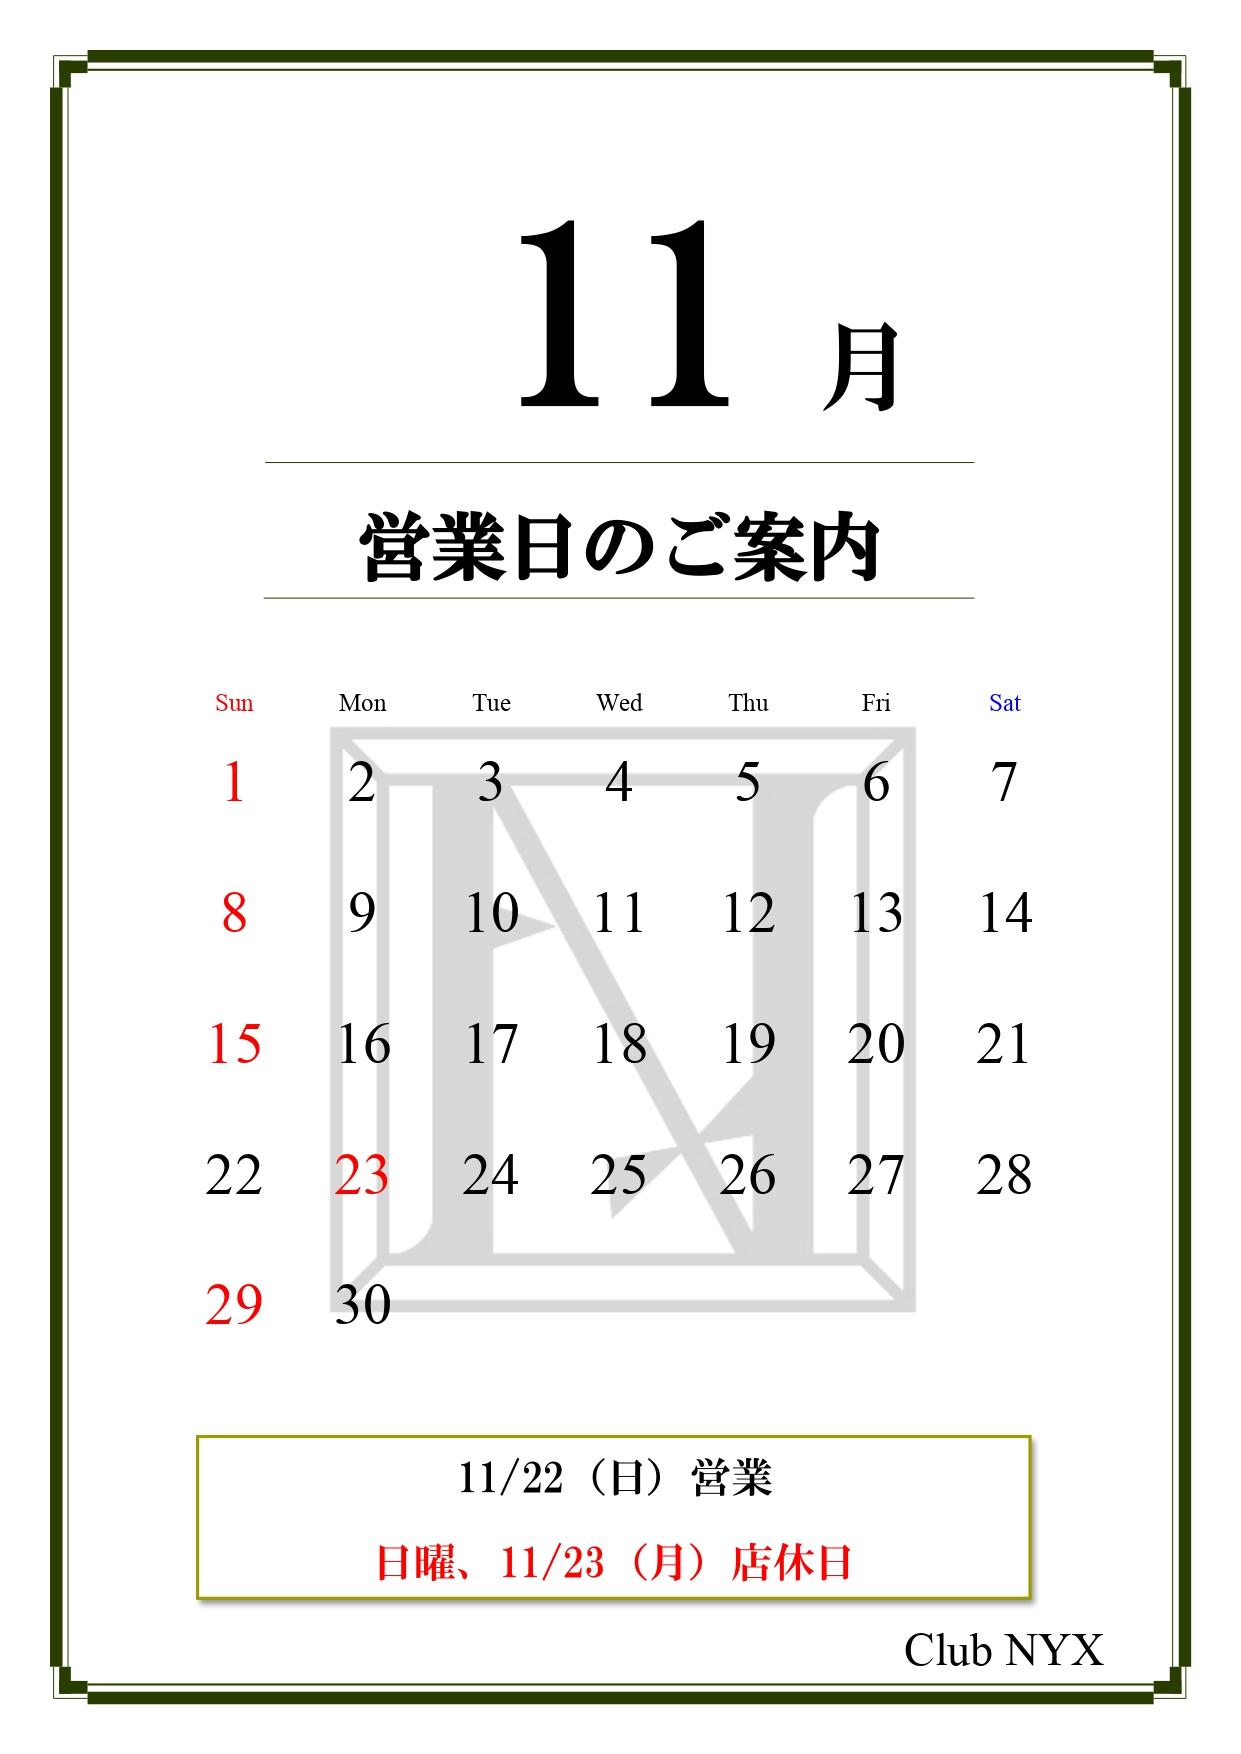 厚木 キャバクラ「クラブニクス」ニュース